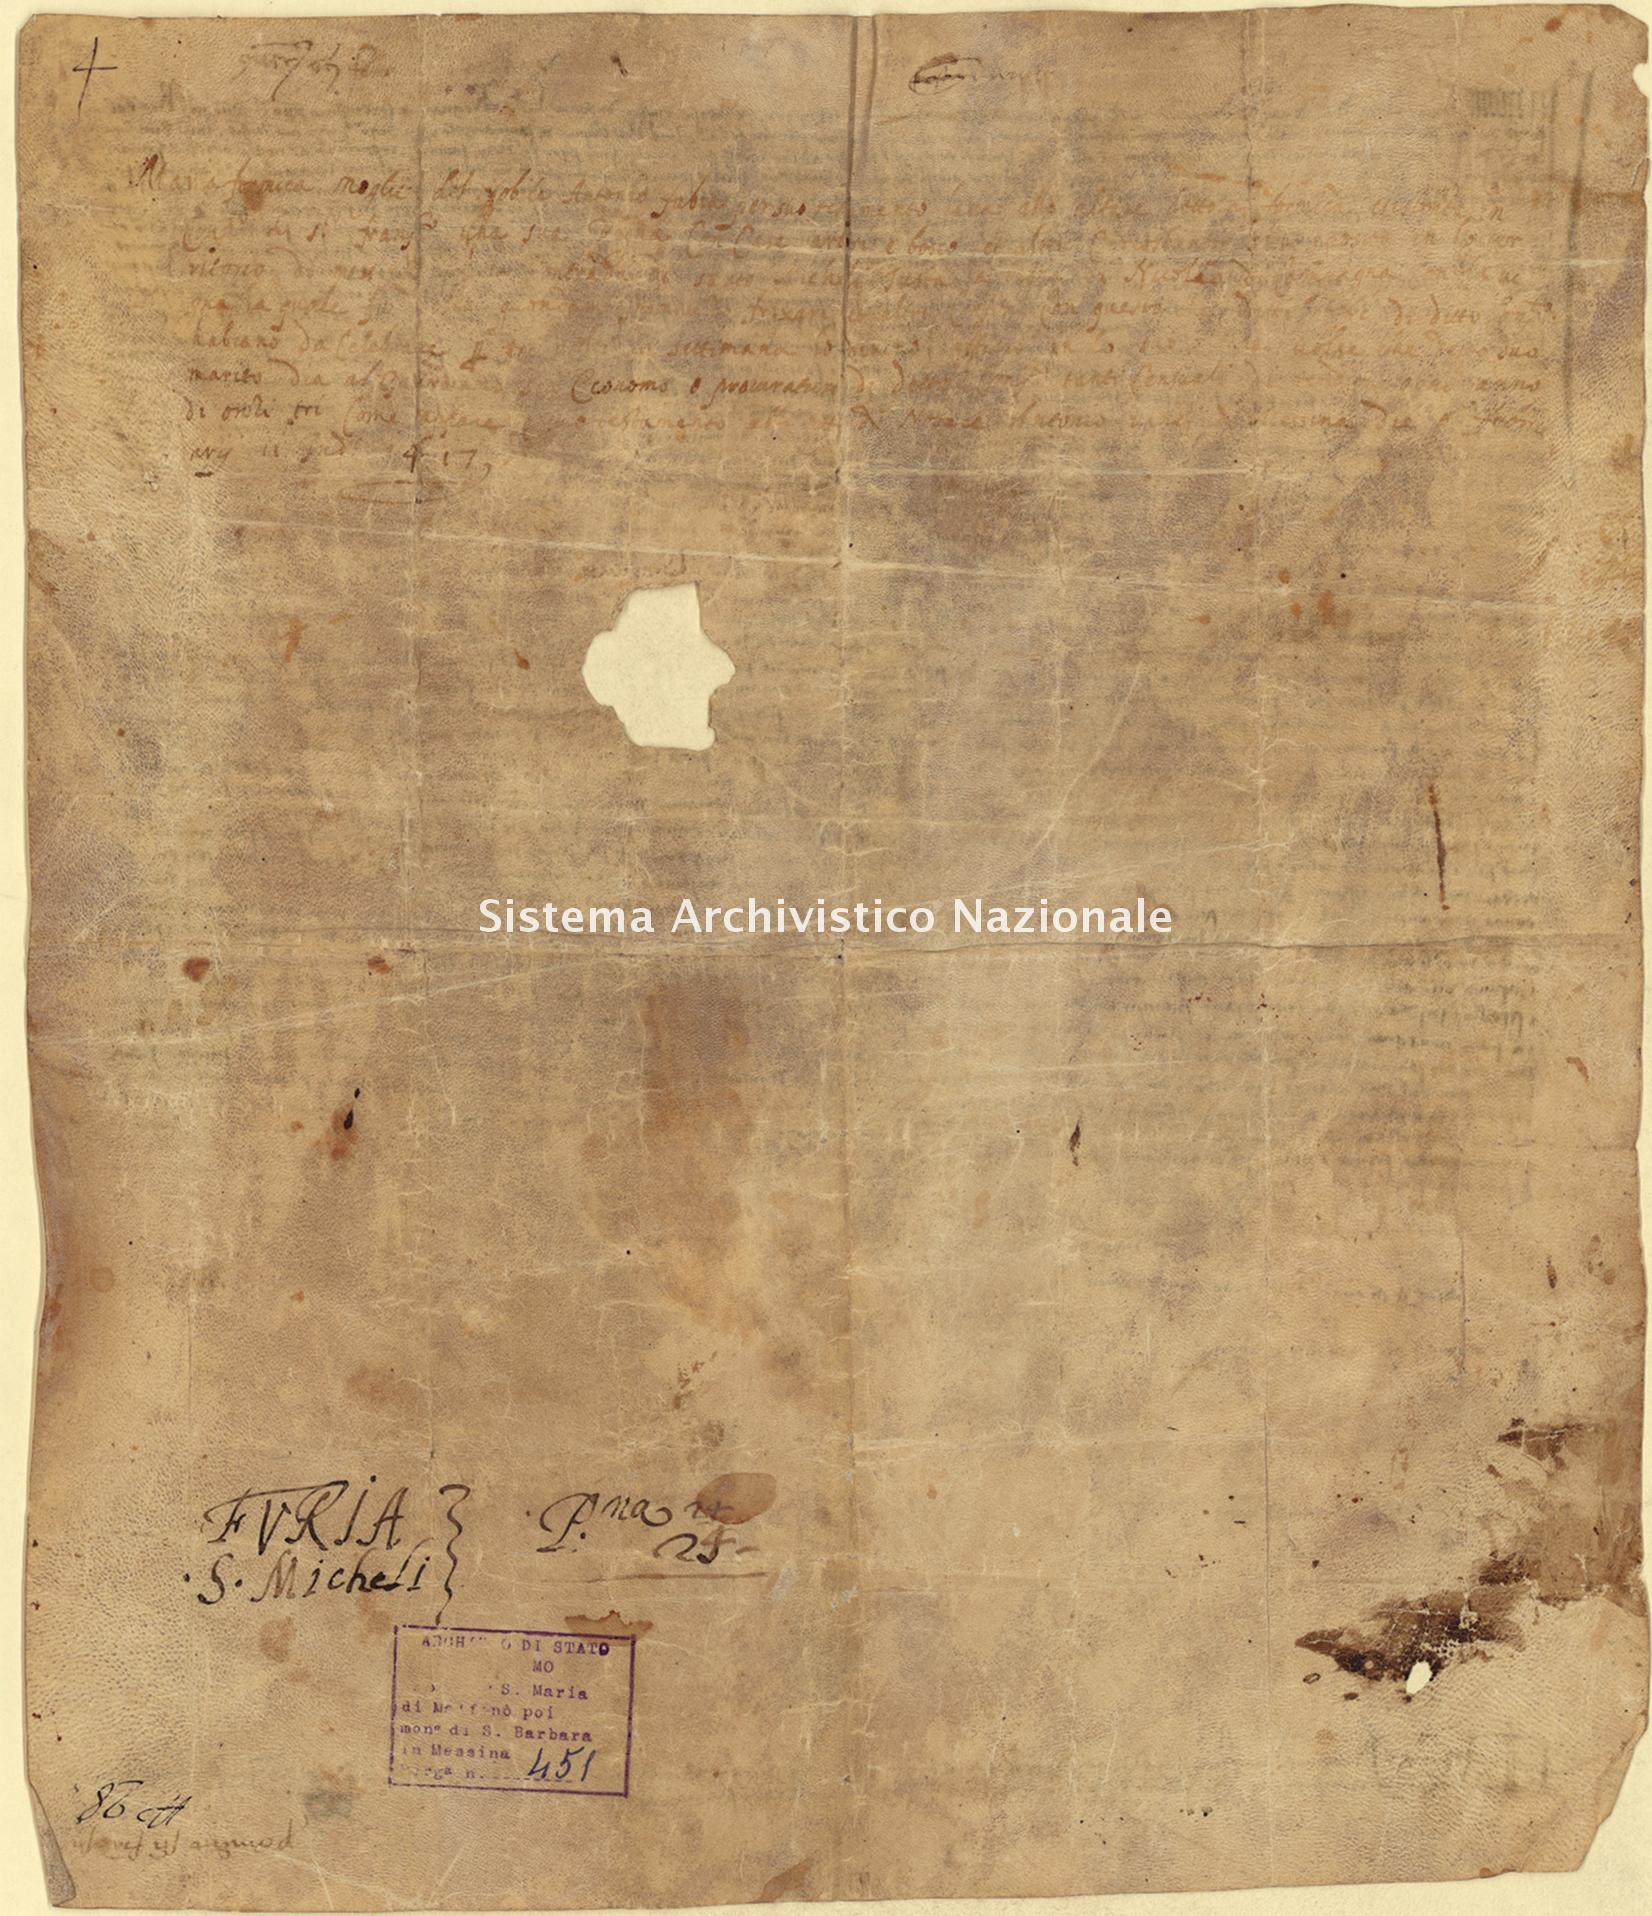 Archivio di Stato di Palermo, Diplomatico, Tabulario del monastero di Santa Maria di Malfinò poi Santa Barbara, Pergamena TSMM 451